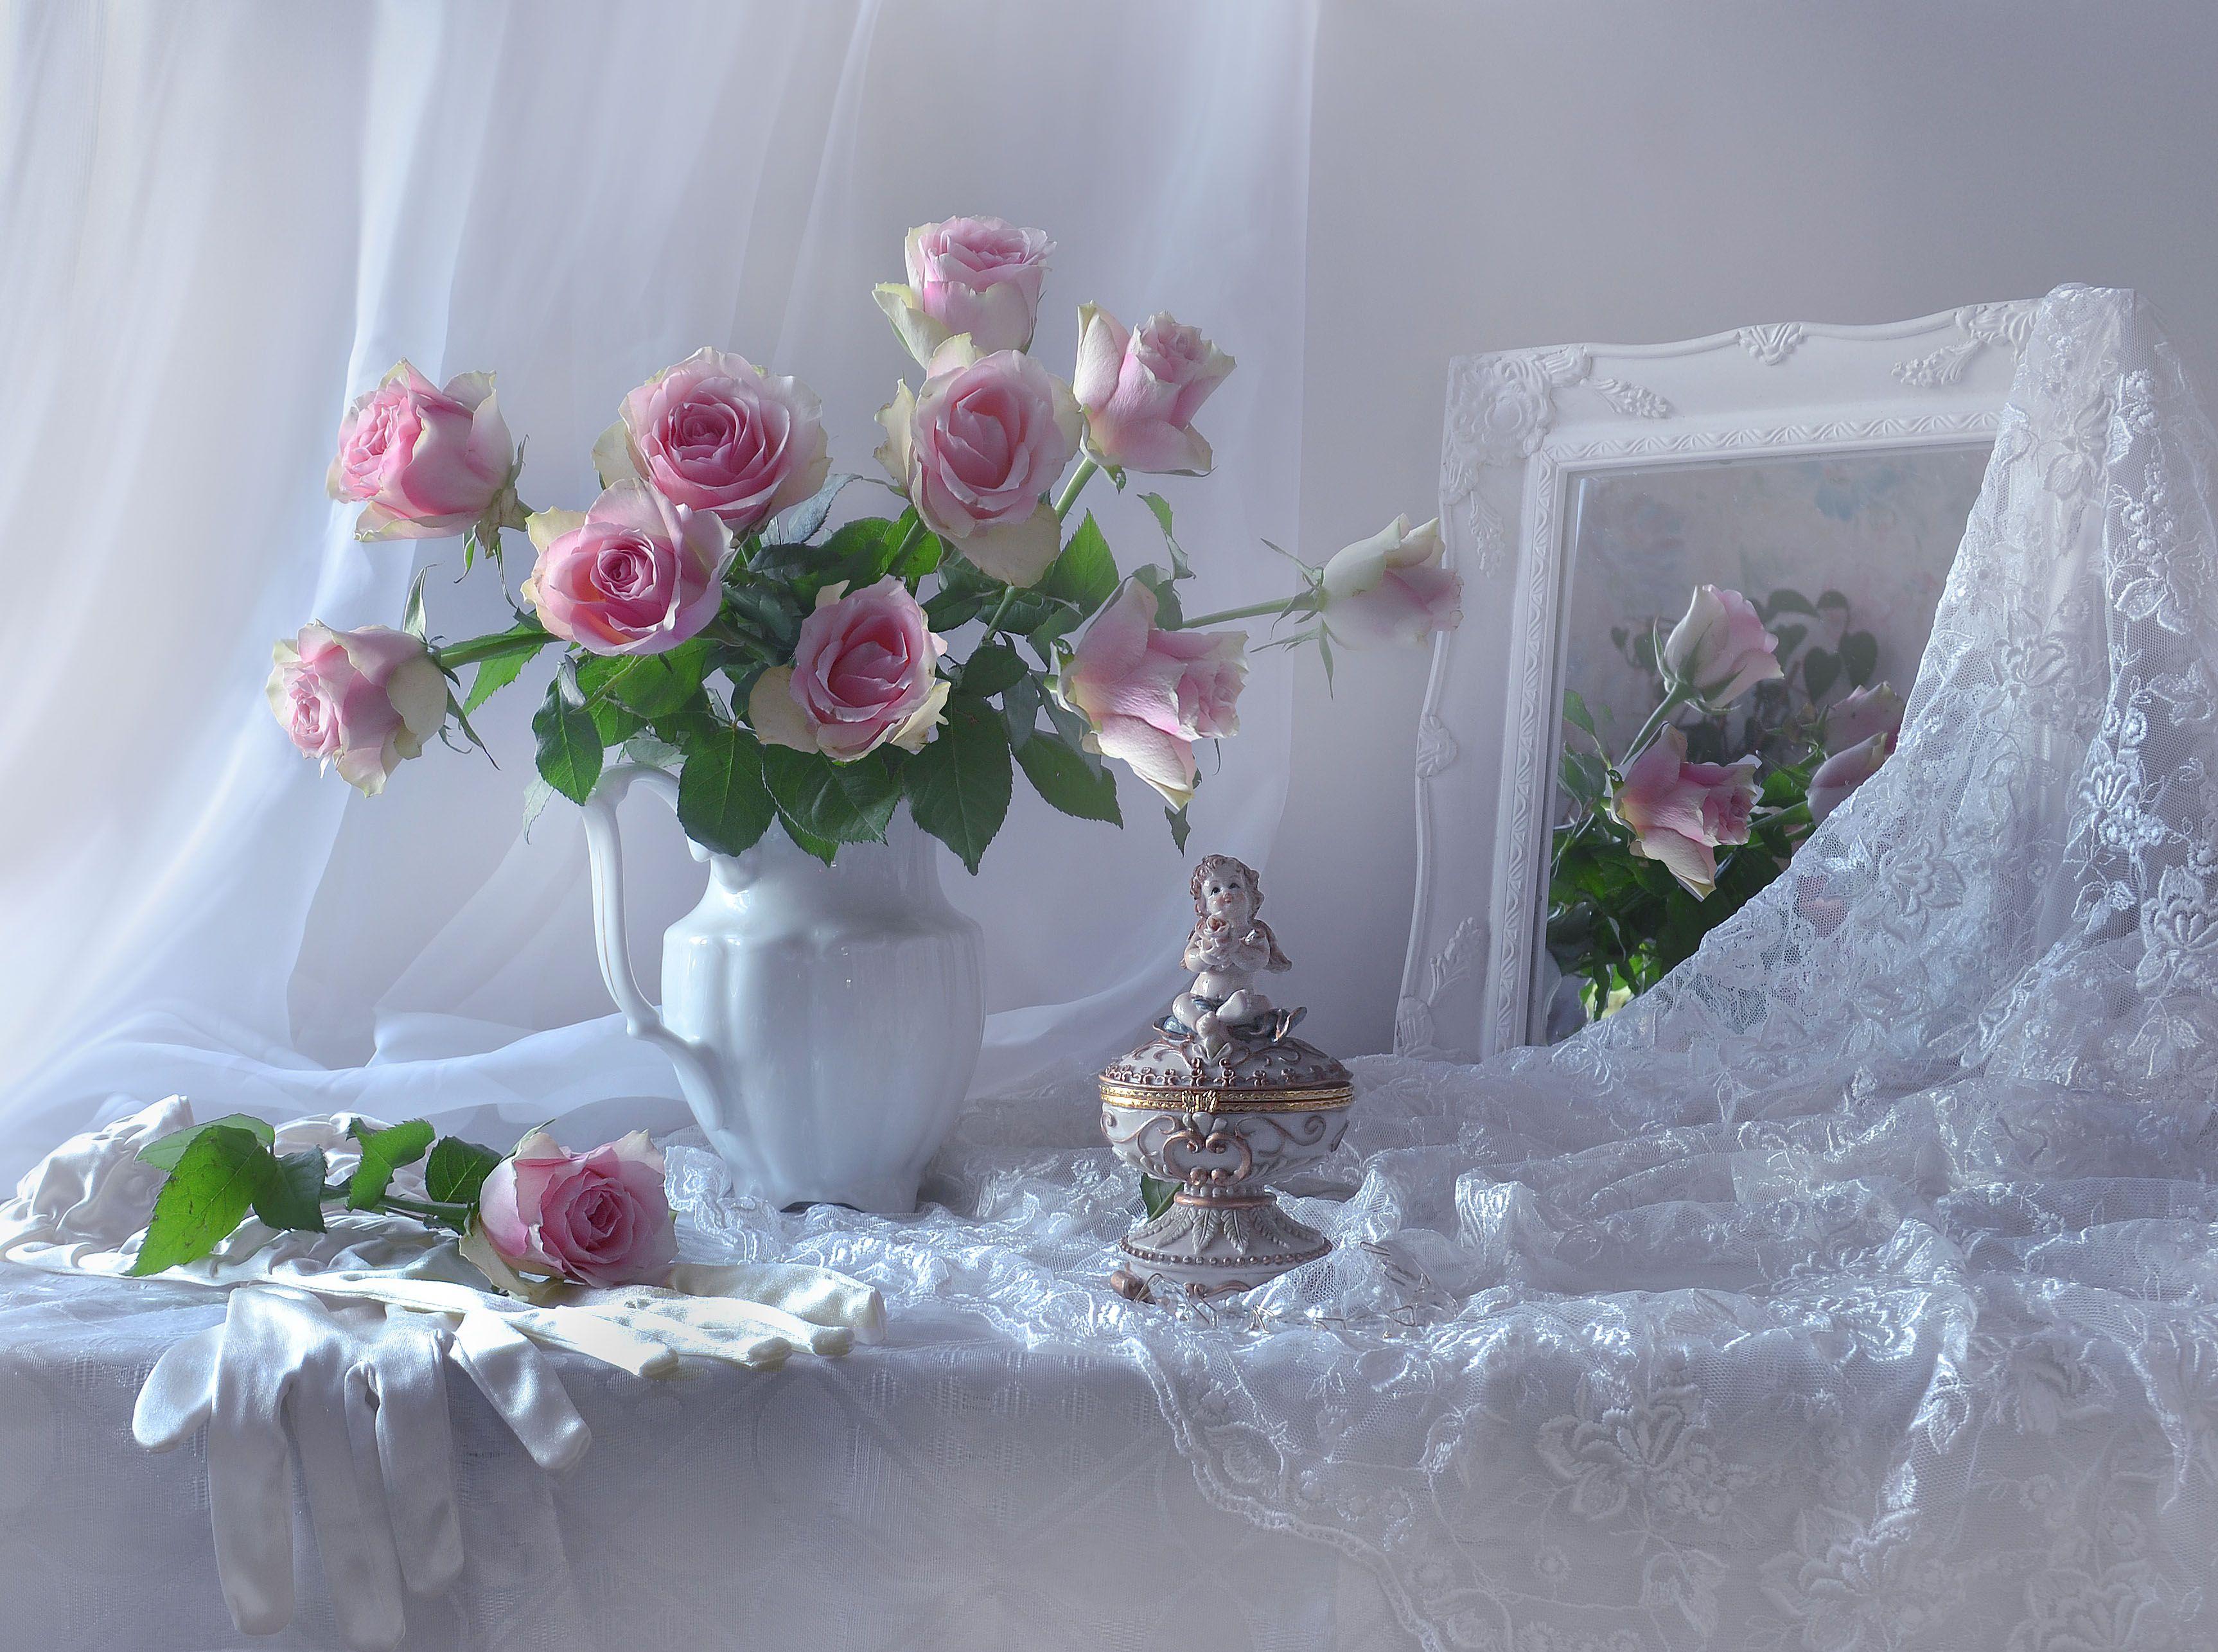 still life, натюрморт, весна, зеркало, март, настроение, отражение, перчатки, розы, стихи, фарфор, цветы, шкатулка, фото натюрморт, Колова Валентина